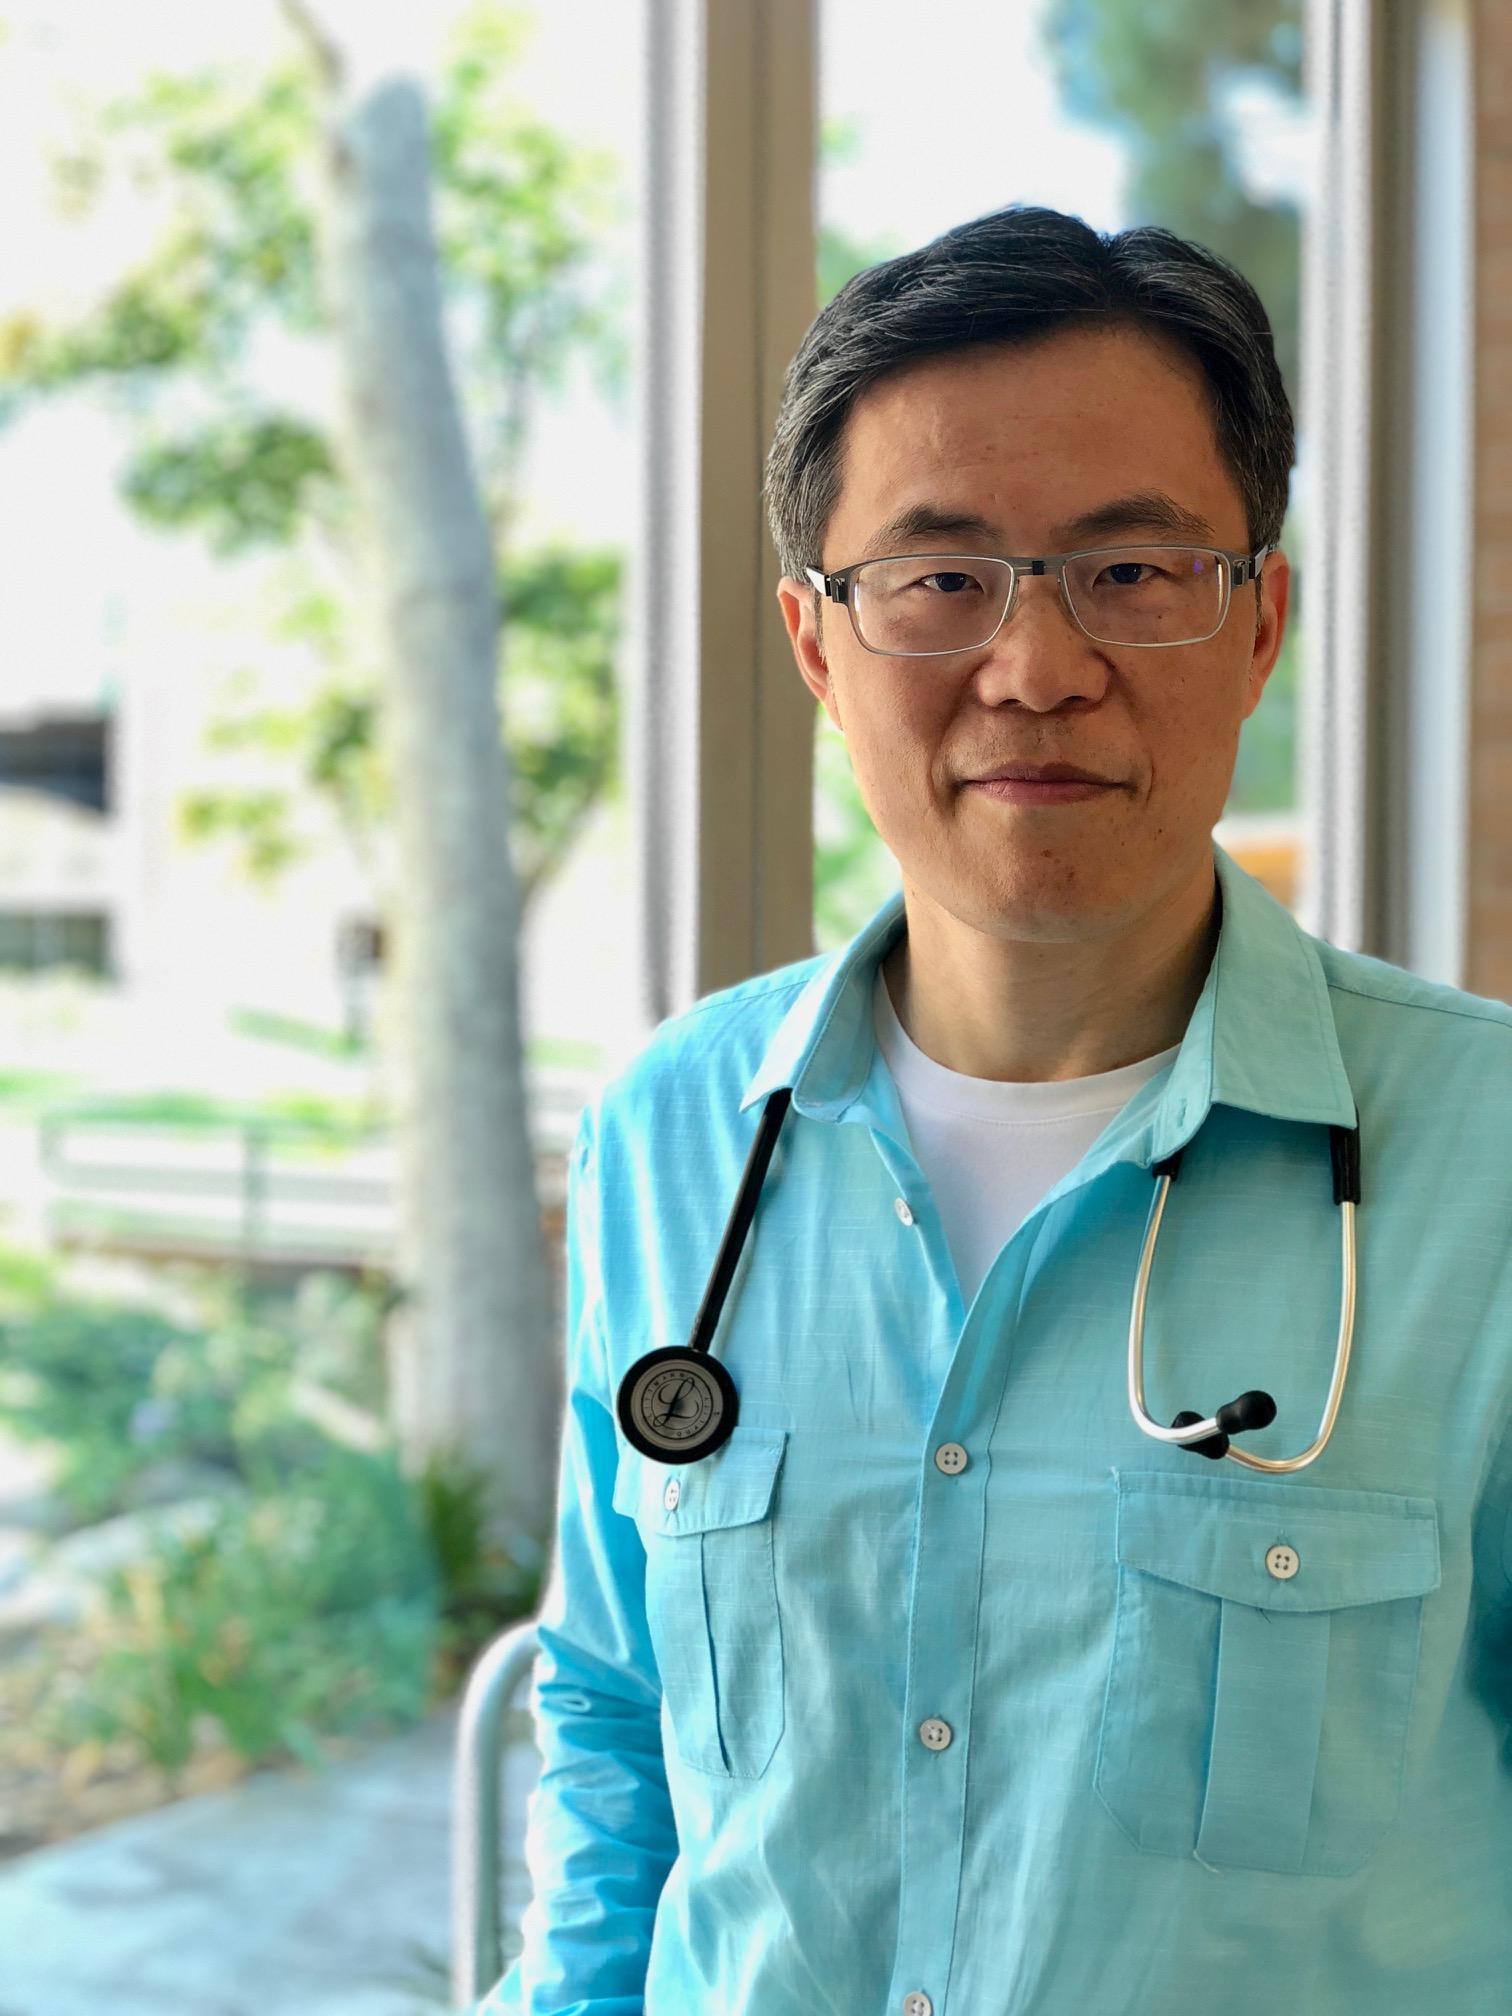 Meet Dr. Tong